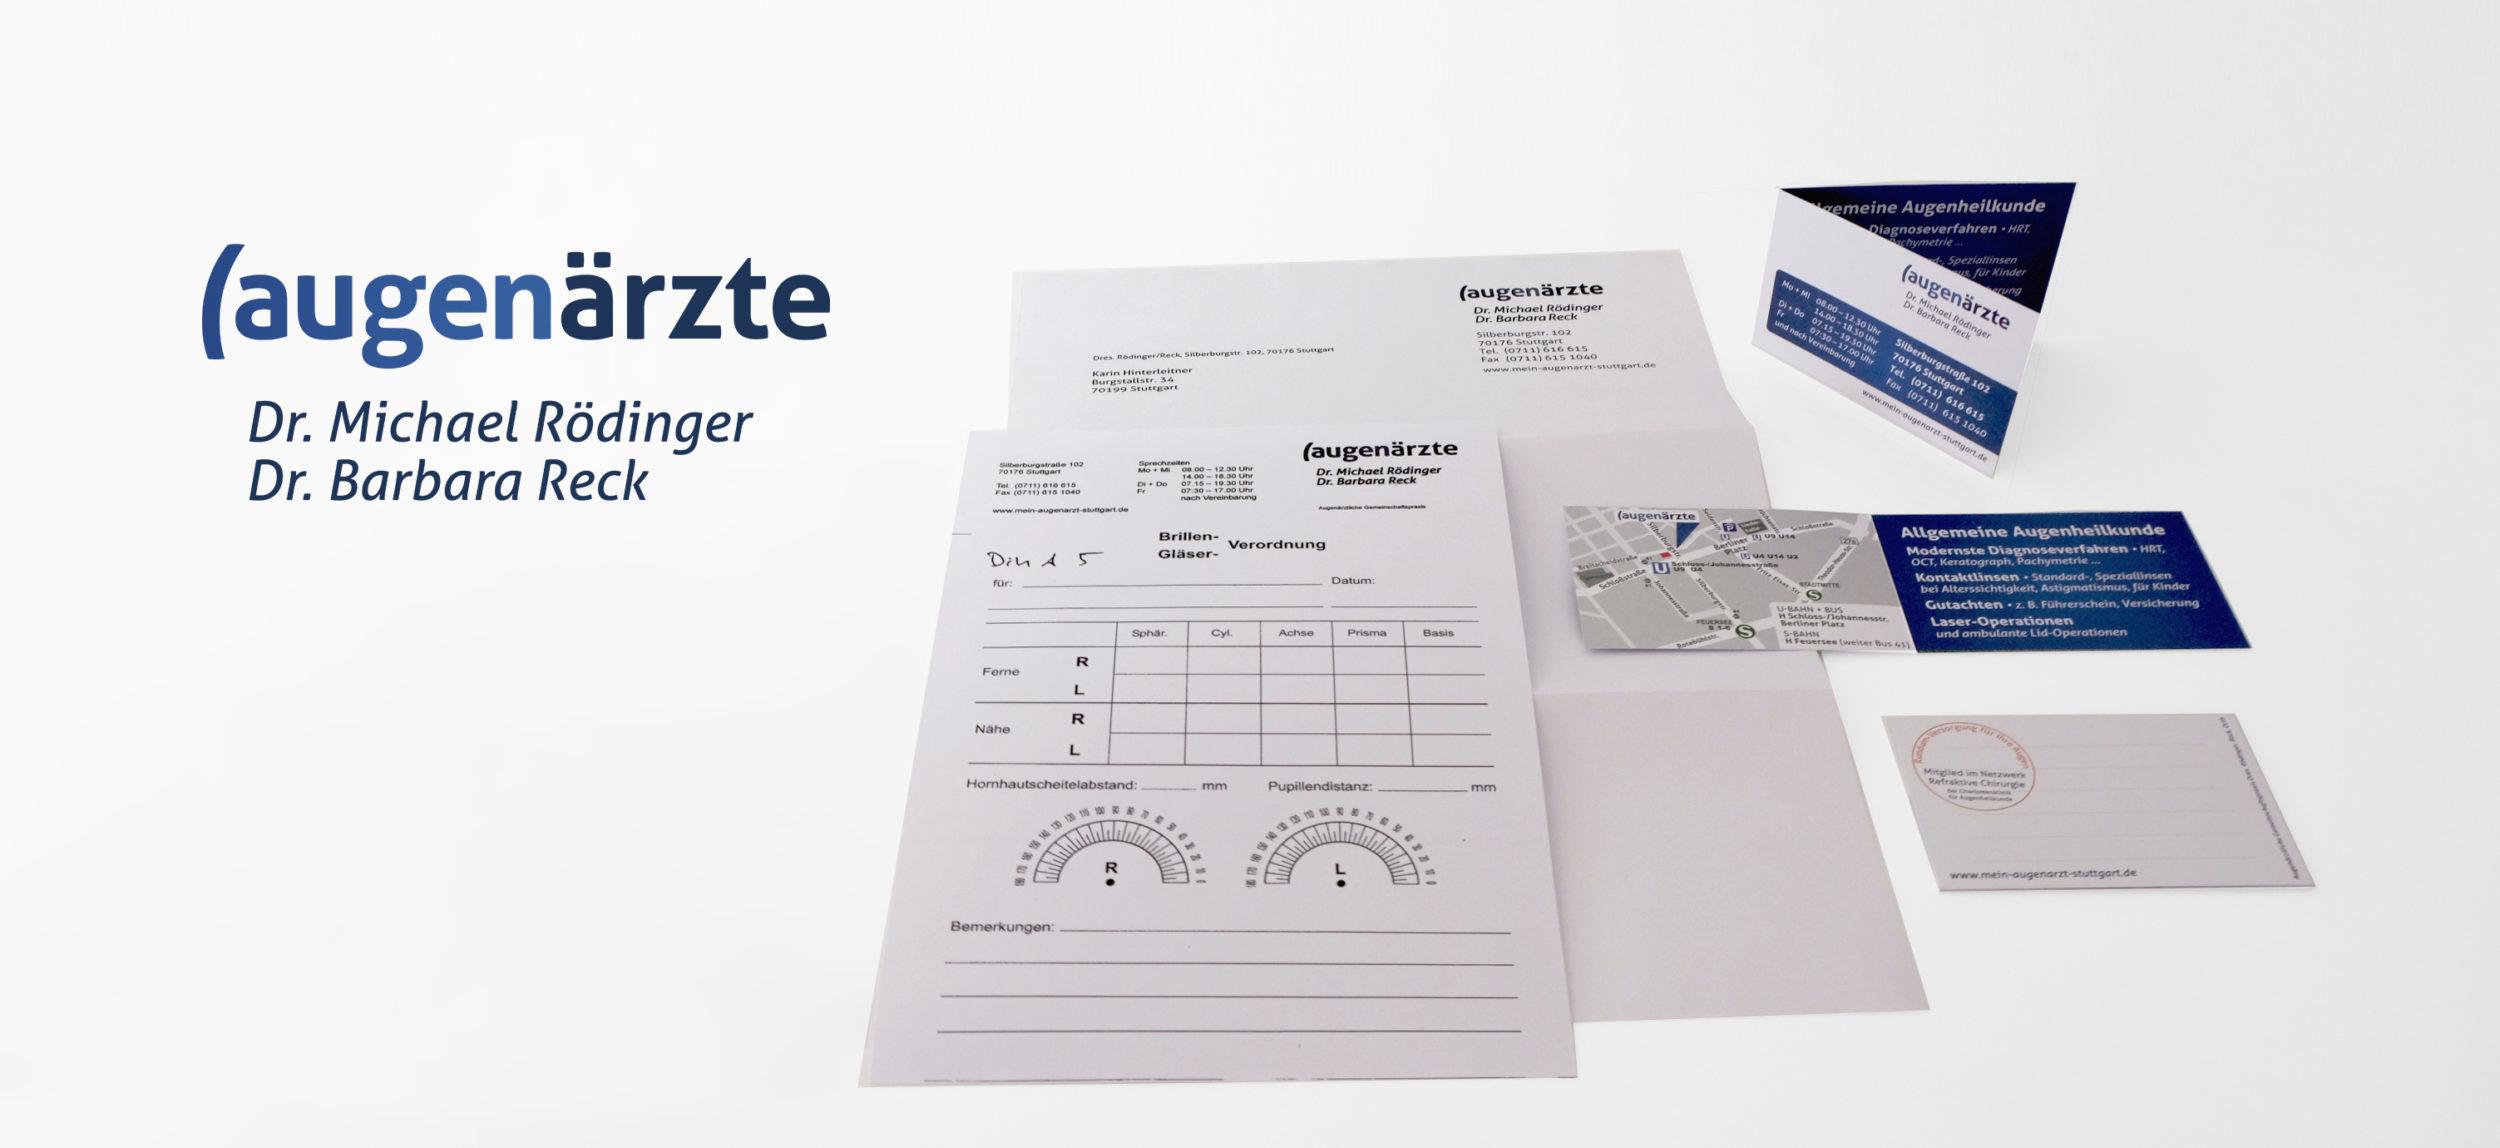 Augenärzte Reck-Rödinger Stuttgart - Print Praxisausstattung